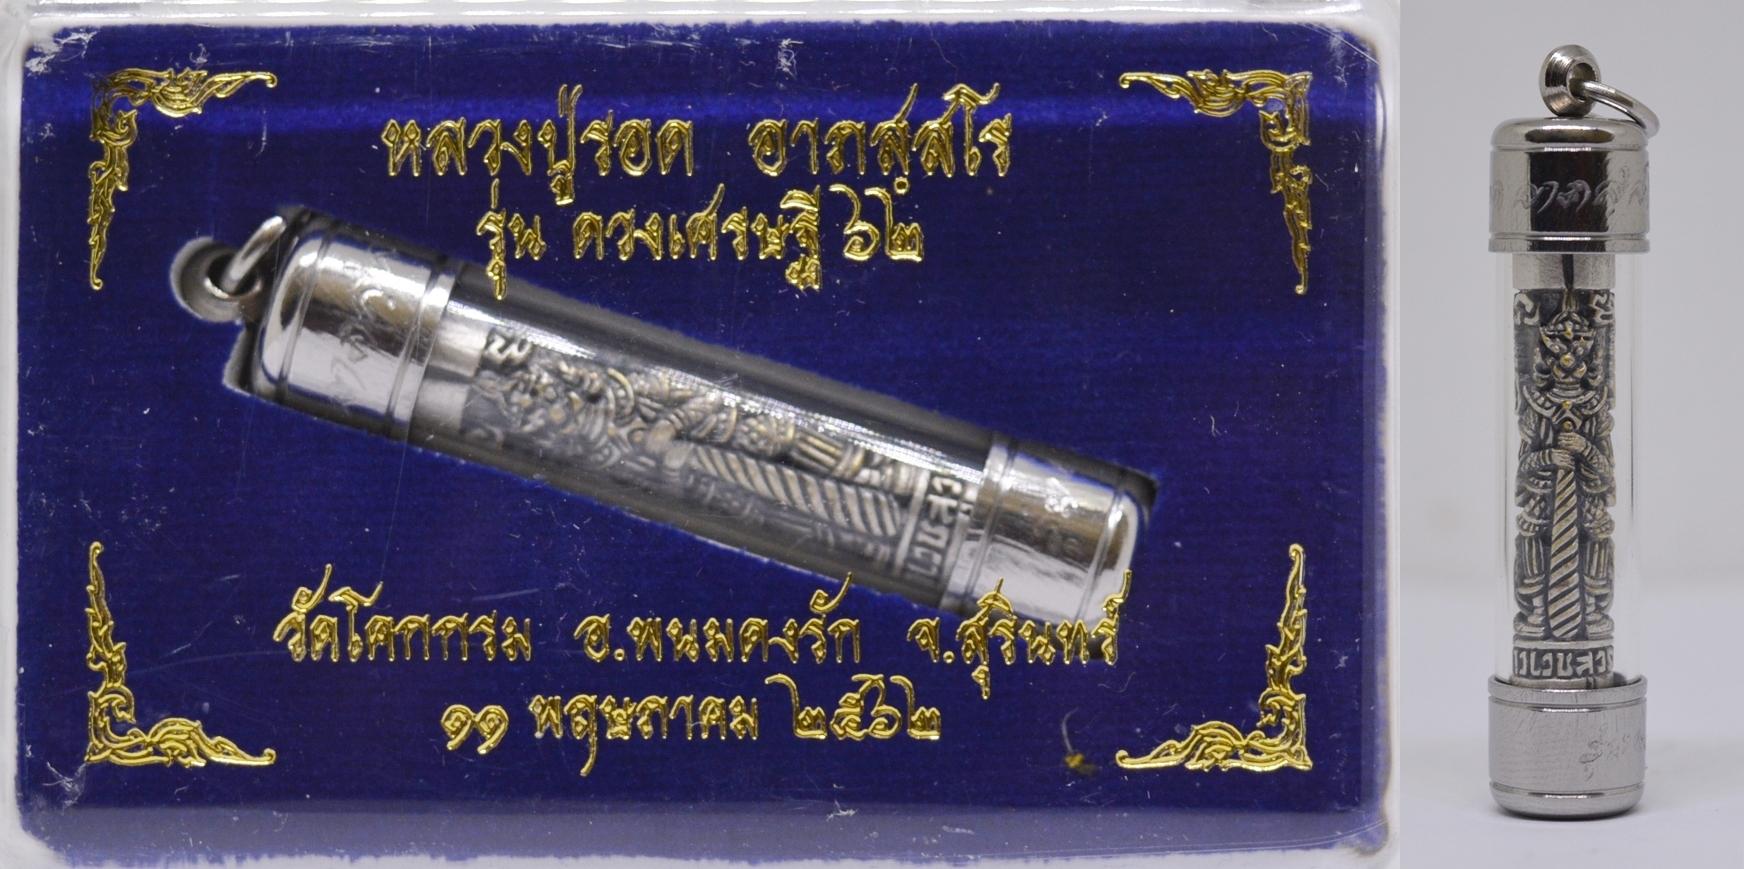 ตะกรุดหล่อท้าวเวสสุวรรณ เนื้อสัมฤทธิ์ชุบซาติน หลวงปู่รอด วัดโคกกรม 2562 ยาว 2 นิ้ว